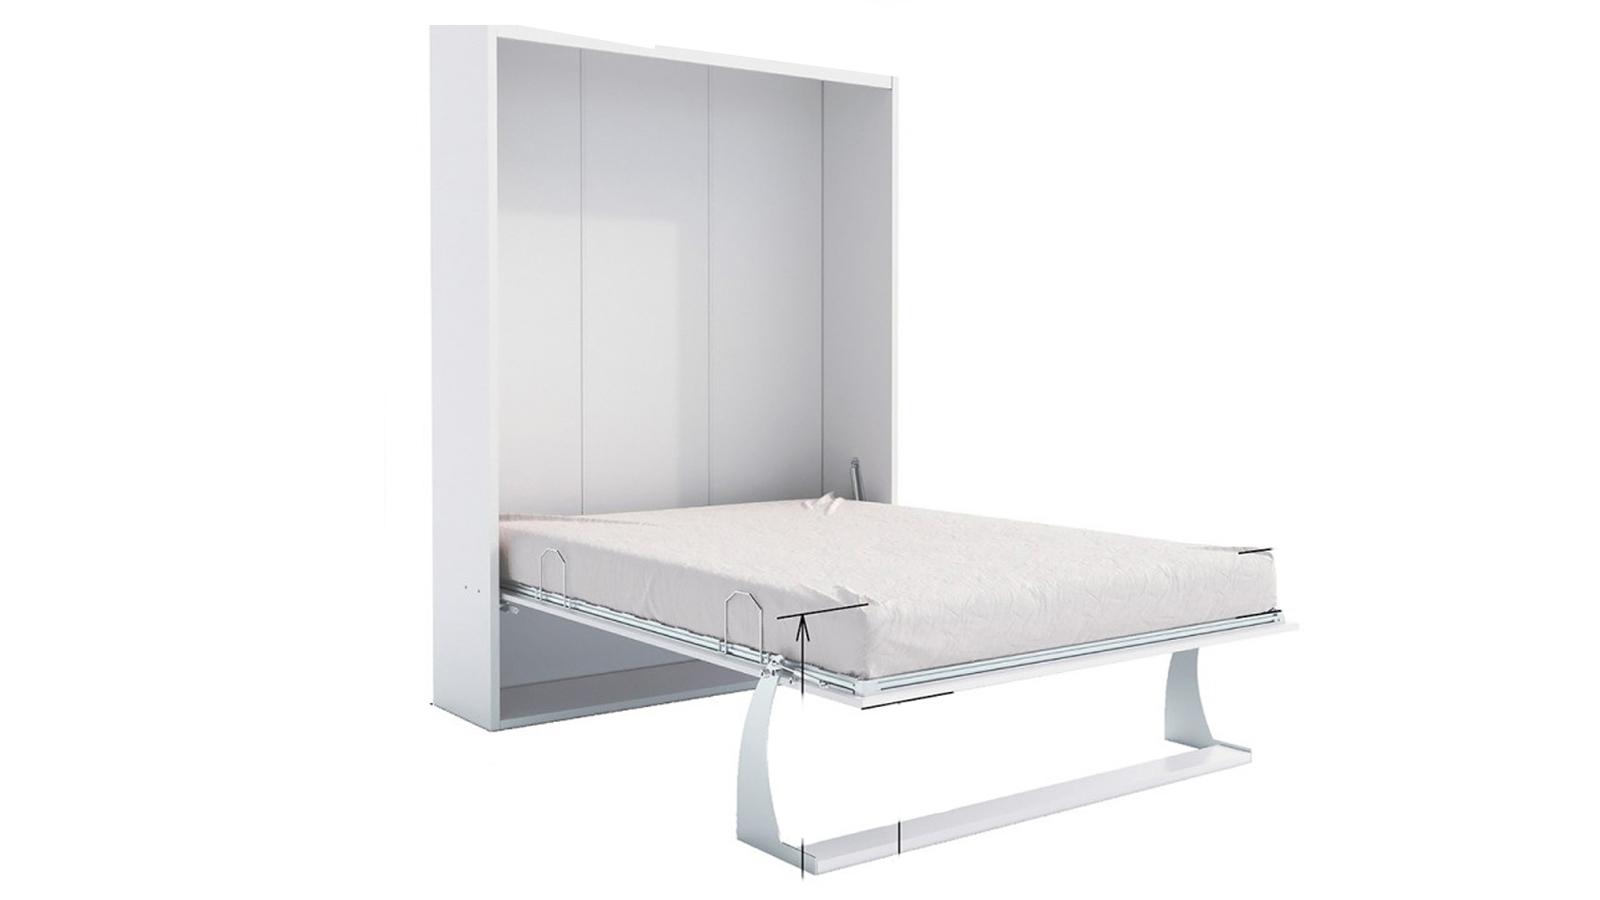 Multimo Wandklappbett Loft Bed Liegefläche 140x190